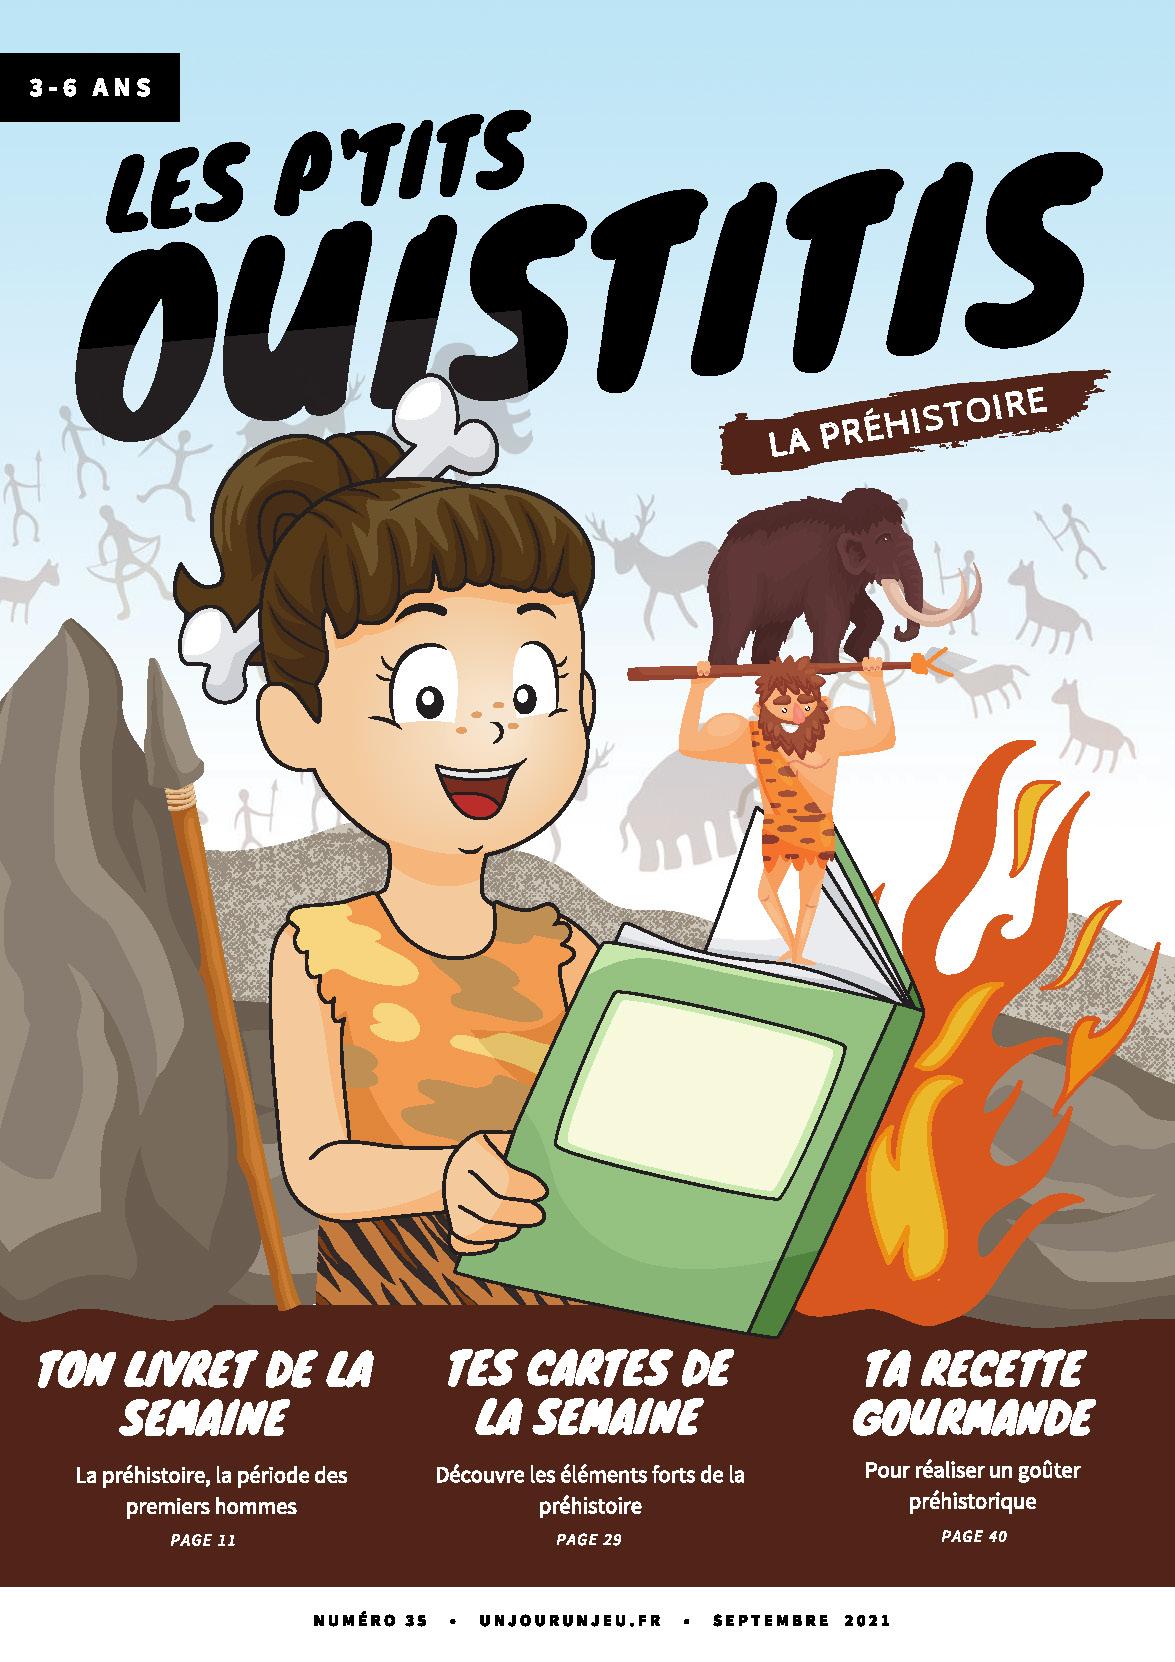 Les P'tits Ouistitis et la Préhistoire